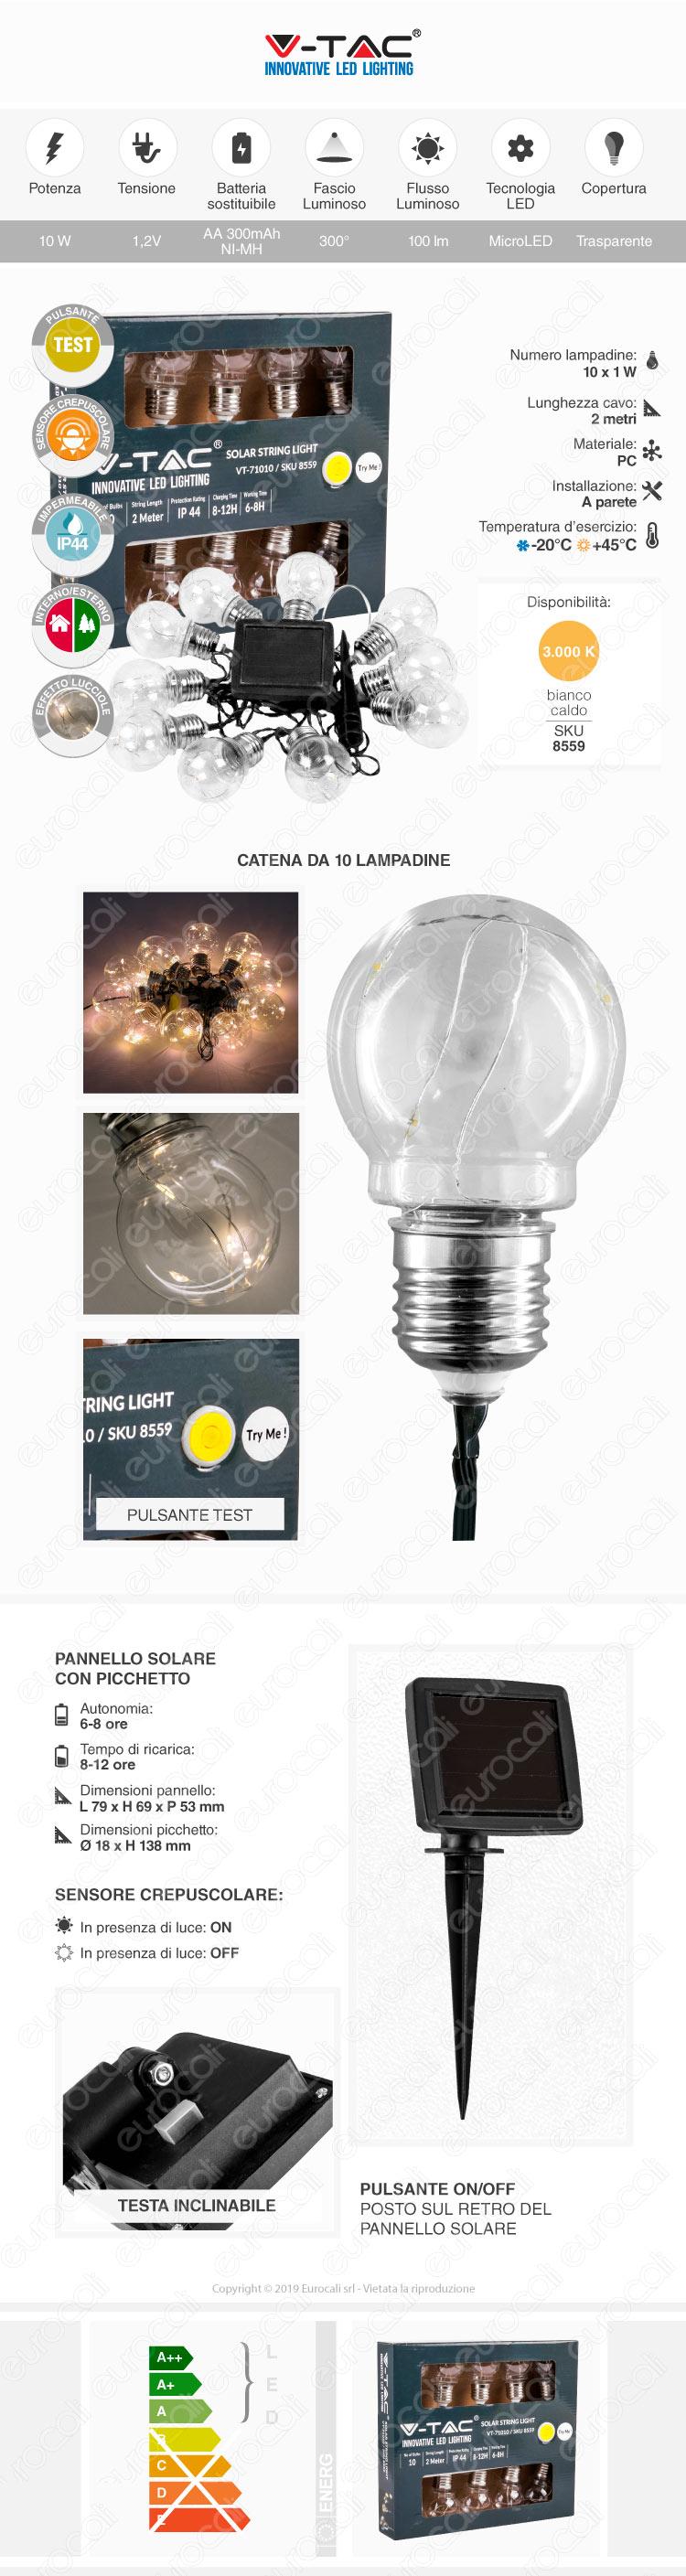 V-Tac VT-71510 Catena da 10 Lampadine LED Mini Globo Filament per Interno e Esterno